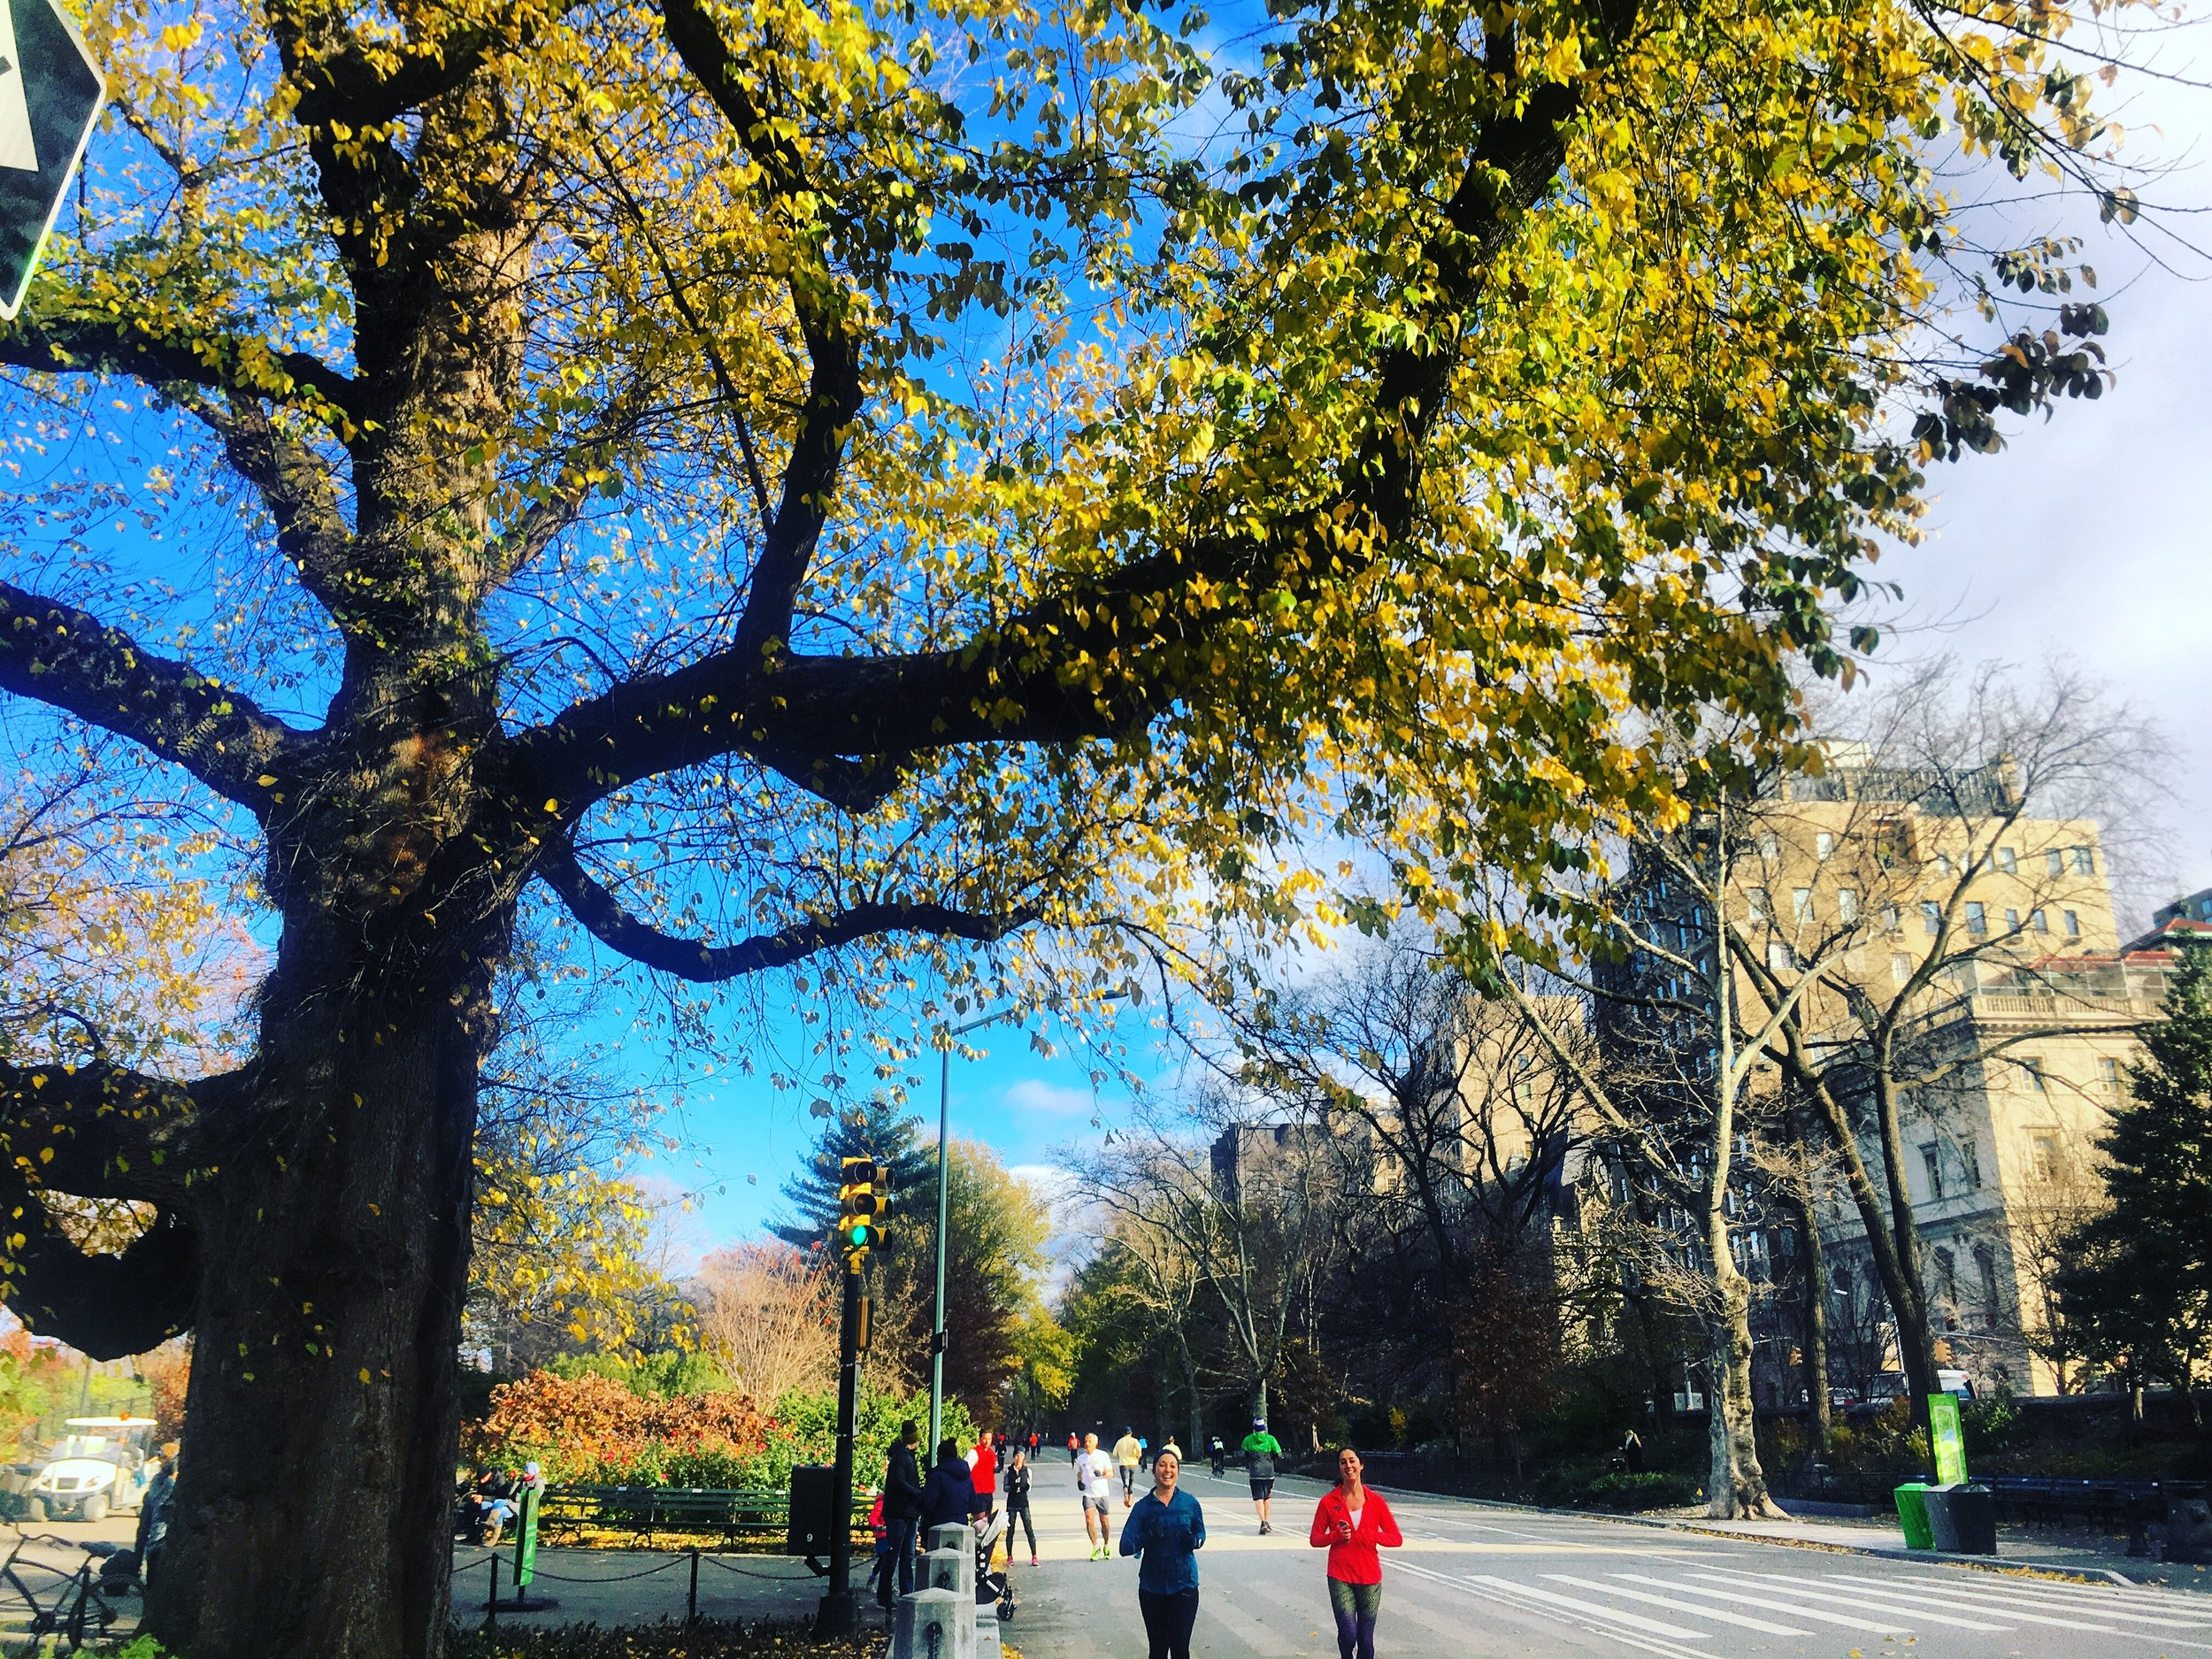 Central Park Running